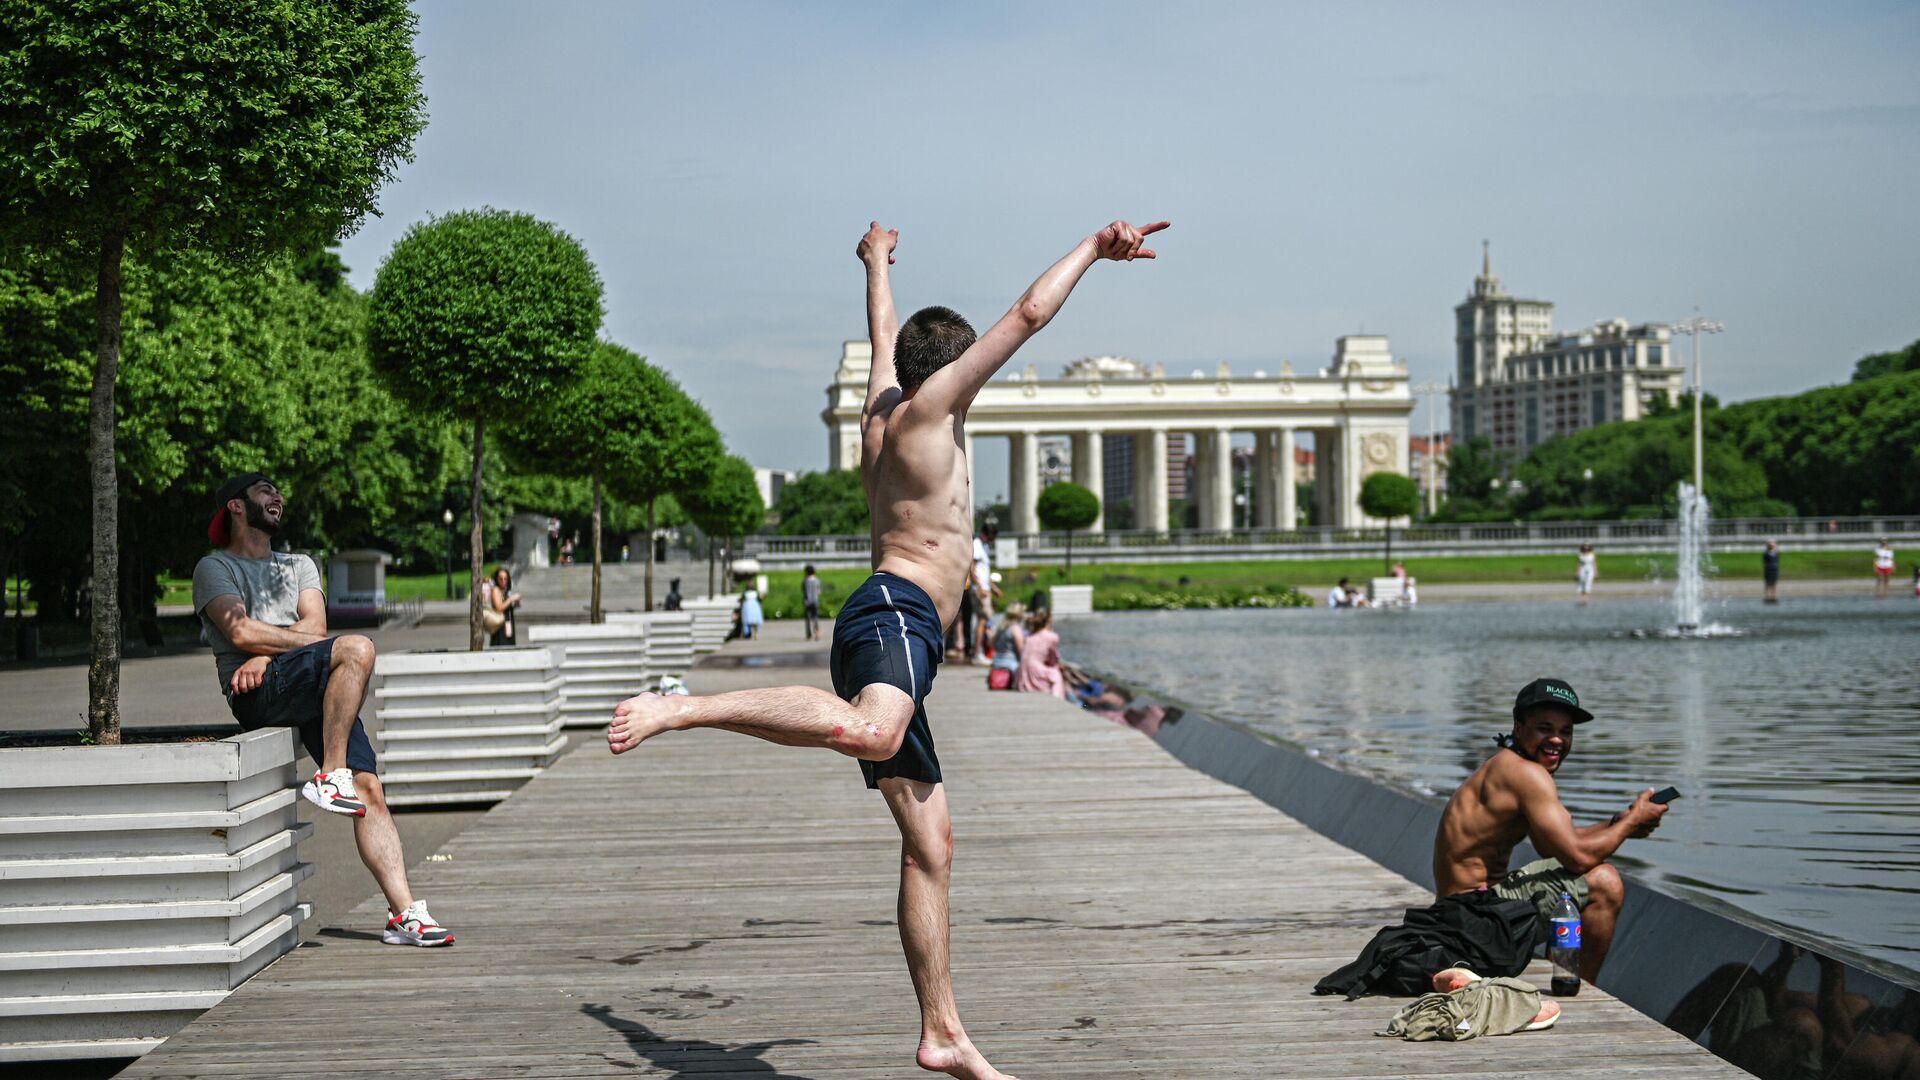 Отдыхающие в Парке Горького в Москве - РИА Новости, 1920, 17.04.2021